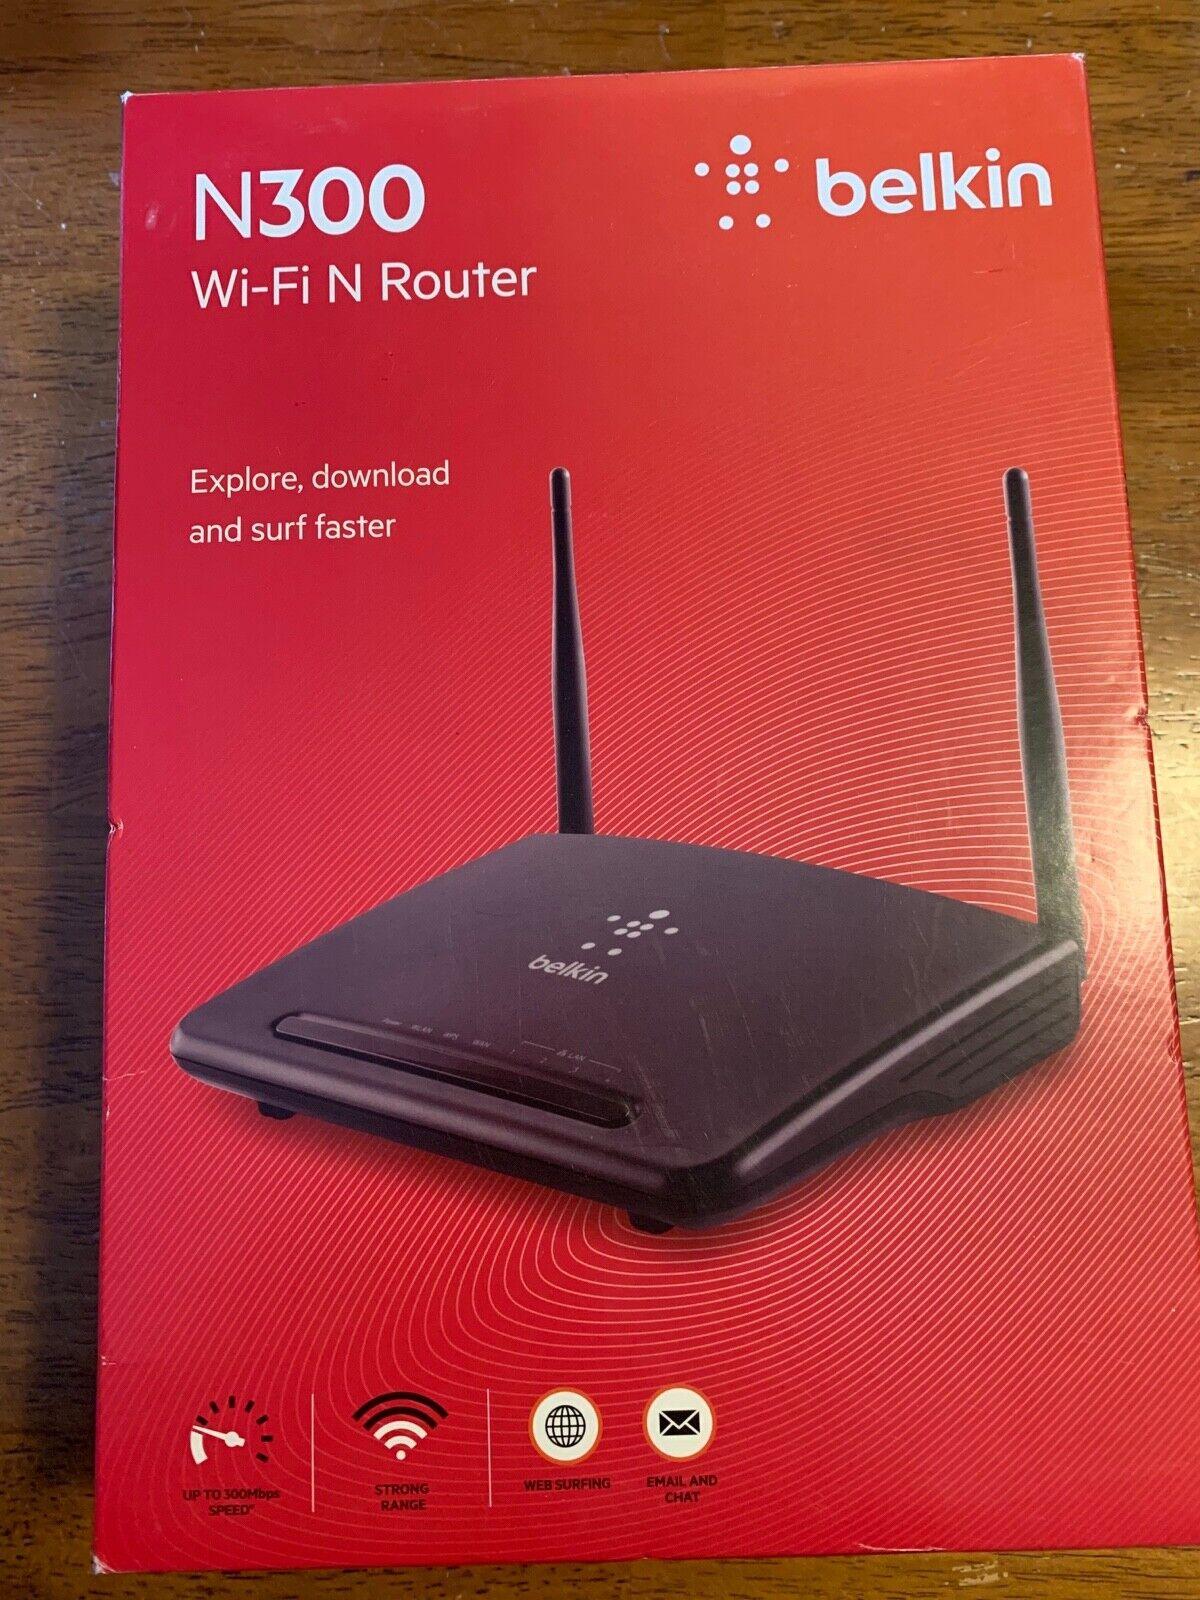 Belkin 300Mbps Wireless-N 300 4 Port Router 2 Antennas WiFi